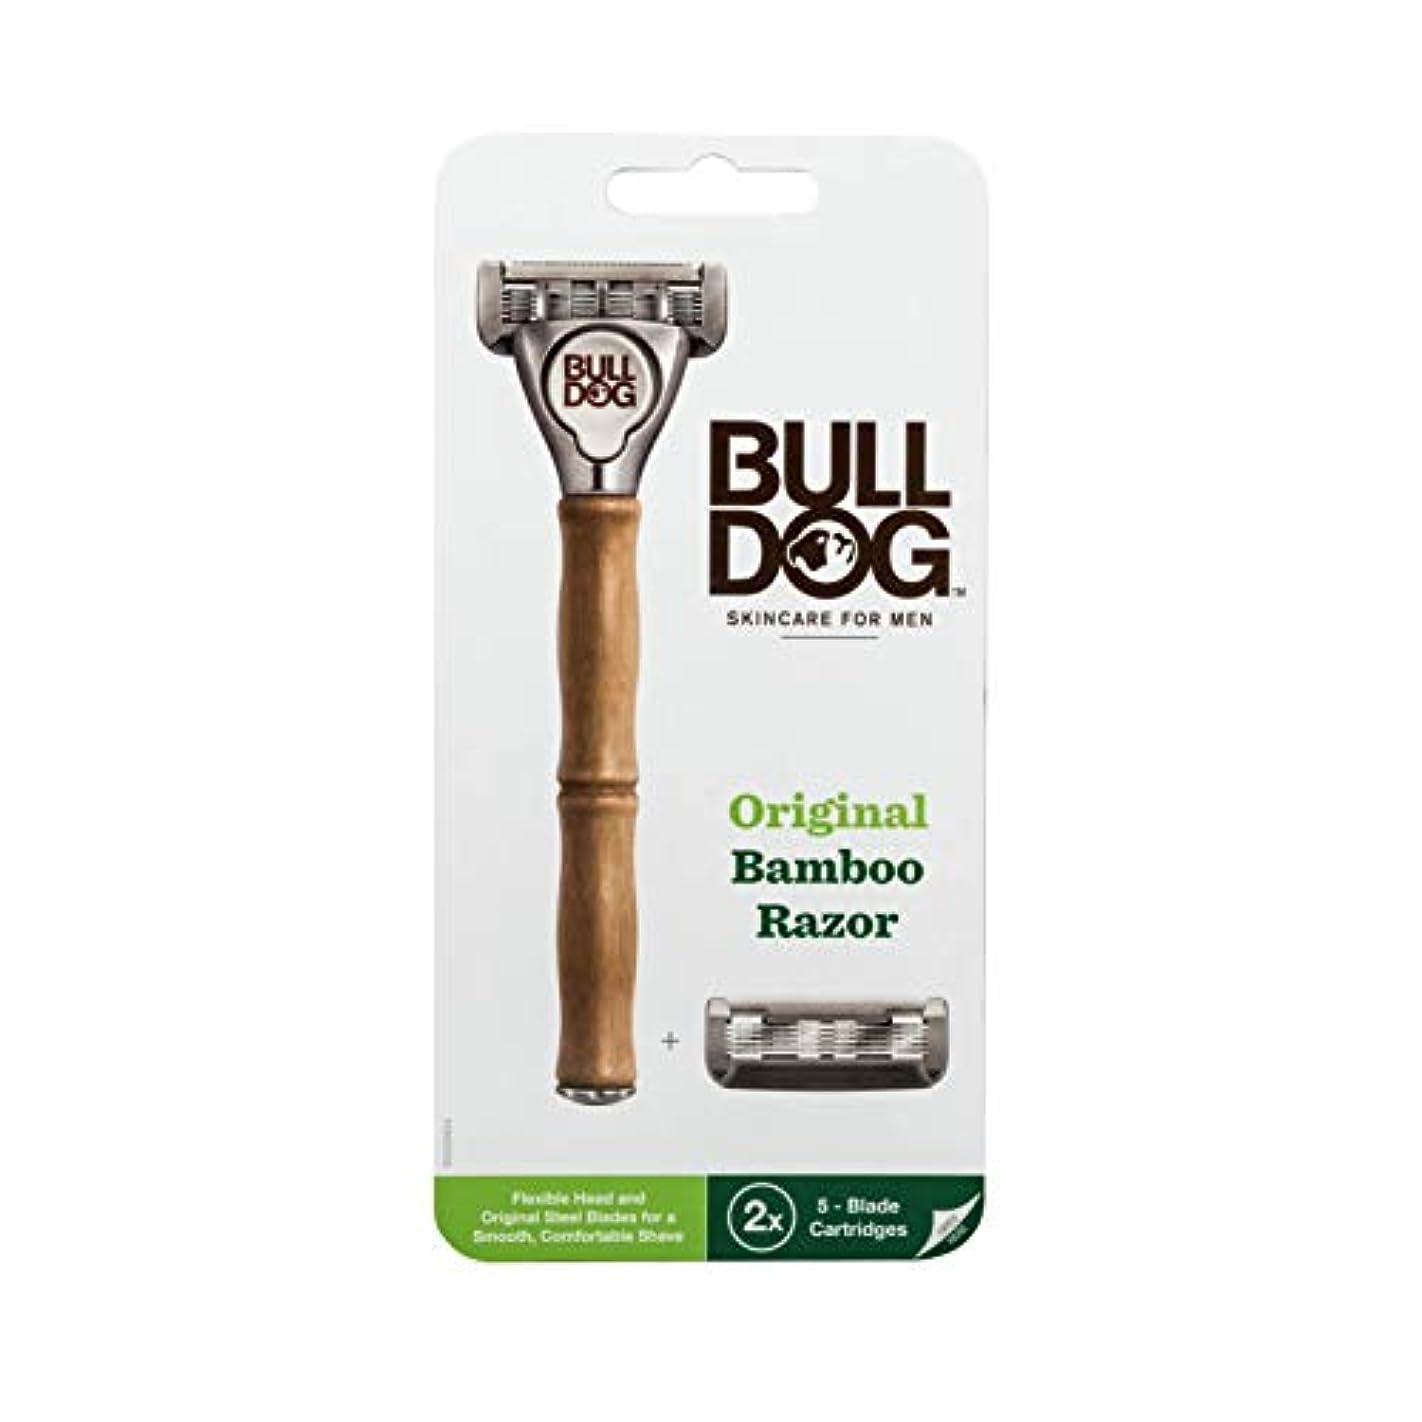 見捨てる賞賛する望遠鏡Bulldog(ブルドッグ) ブルドッグ Bulldog 5枚刃 オリジナルバンブーホルダー 水に強い竹製ハンドル 替刃 2コ付 男性カミソリ ホルダー(1本)、替刃2コ付き(内1コ本体装着済み)